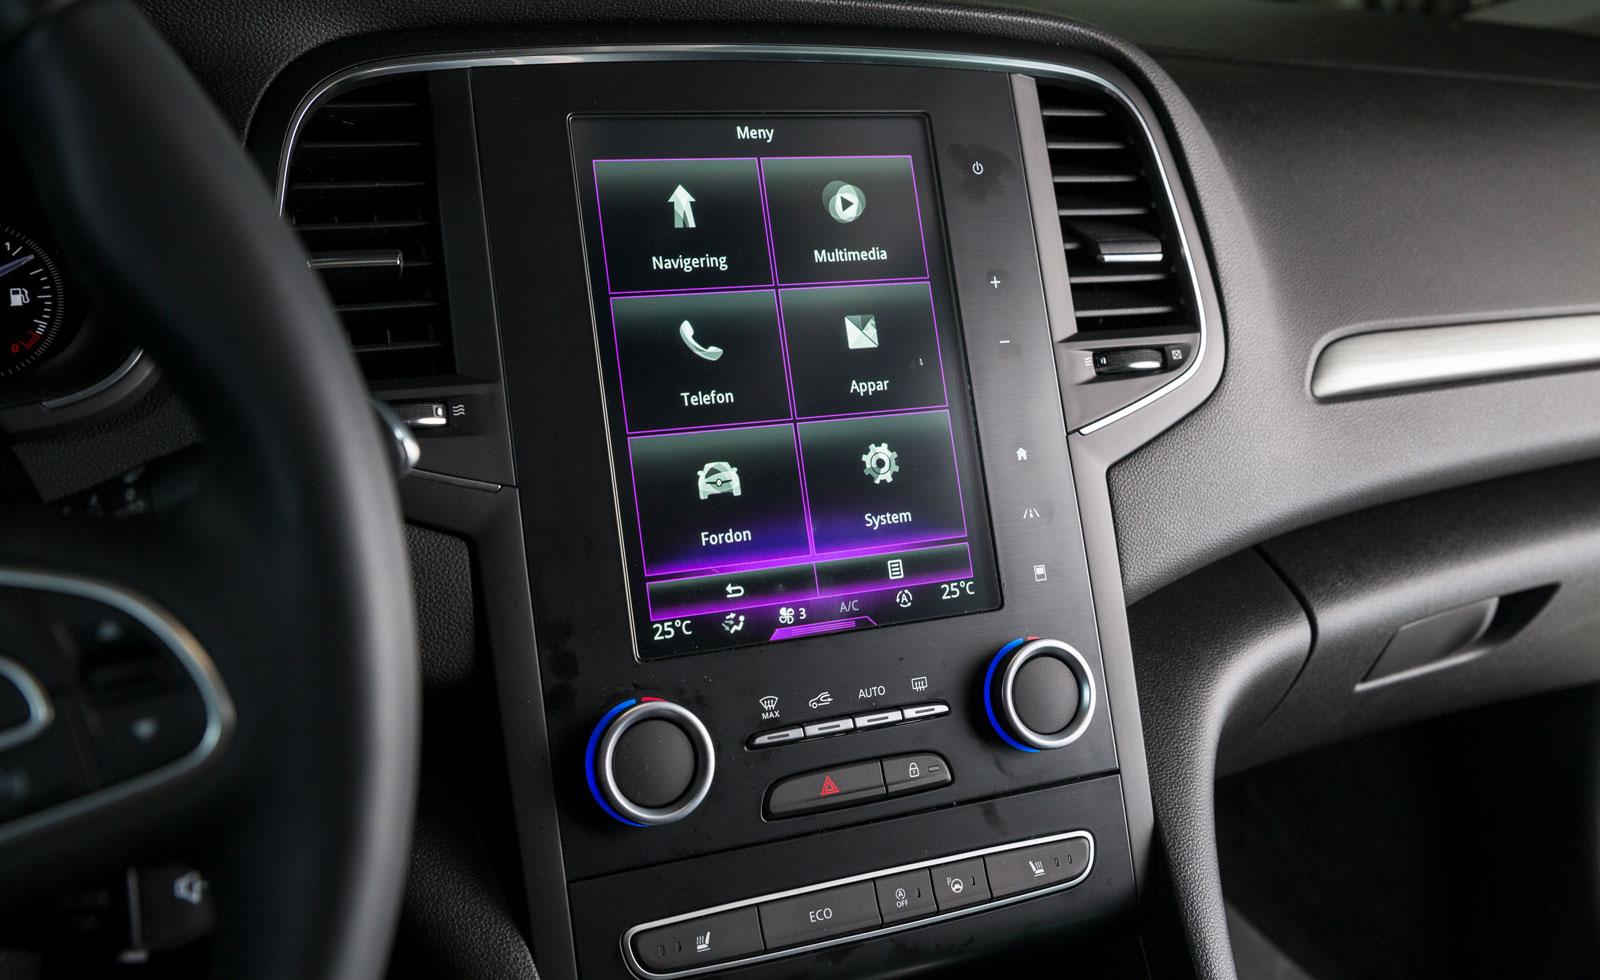 Renaults pekskärm styr både mediesystem, navigator och flera bilfunktioner, dock inte värmen. Minus för   krånglig hantering som kräver viss tillvänjning.